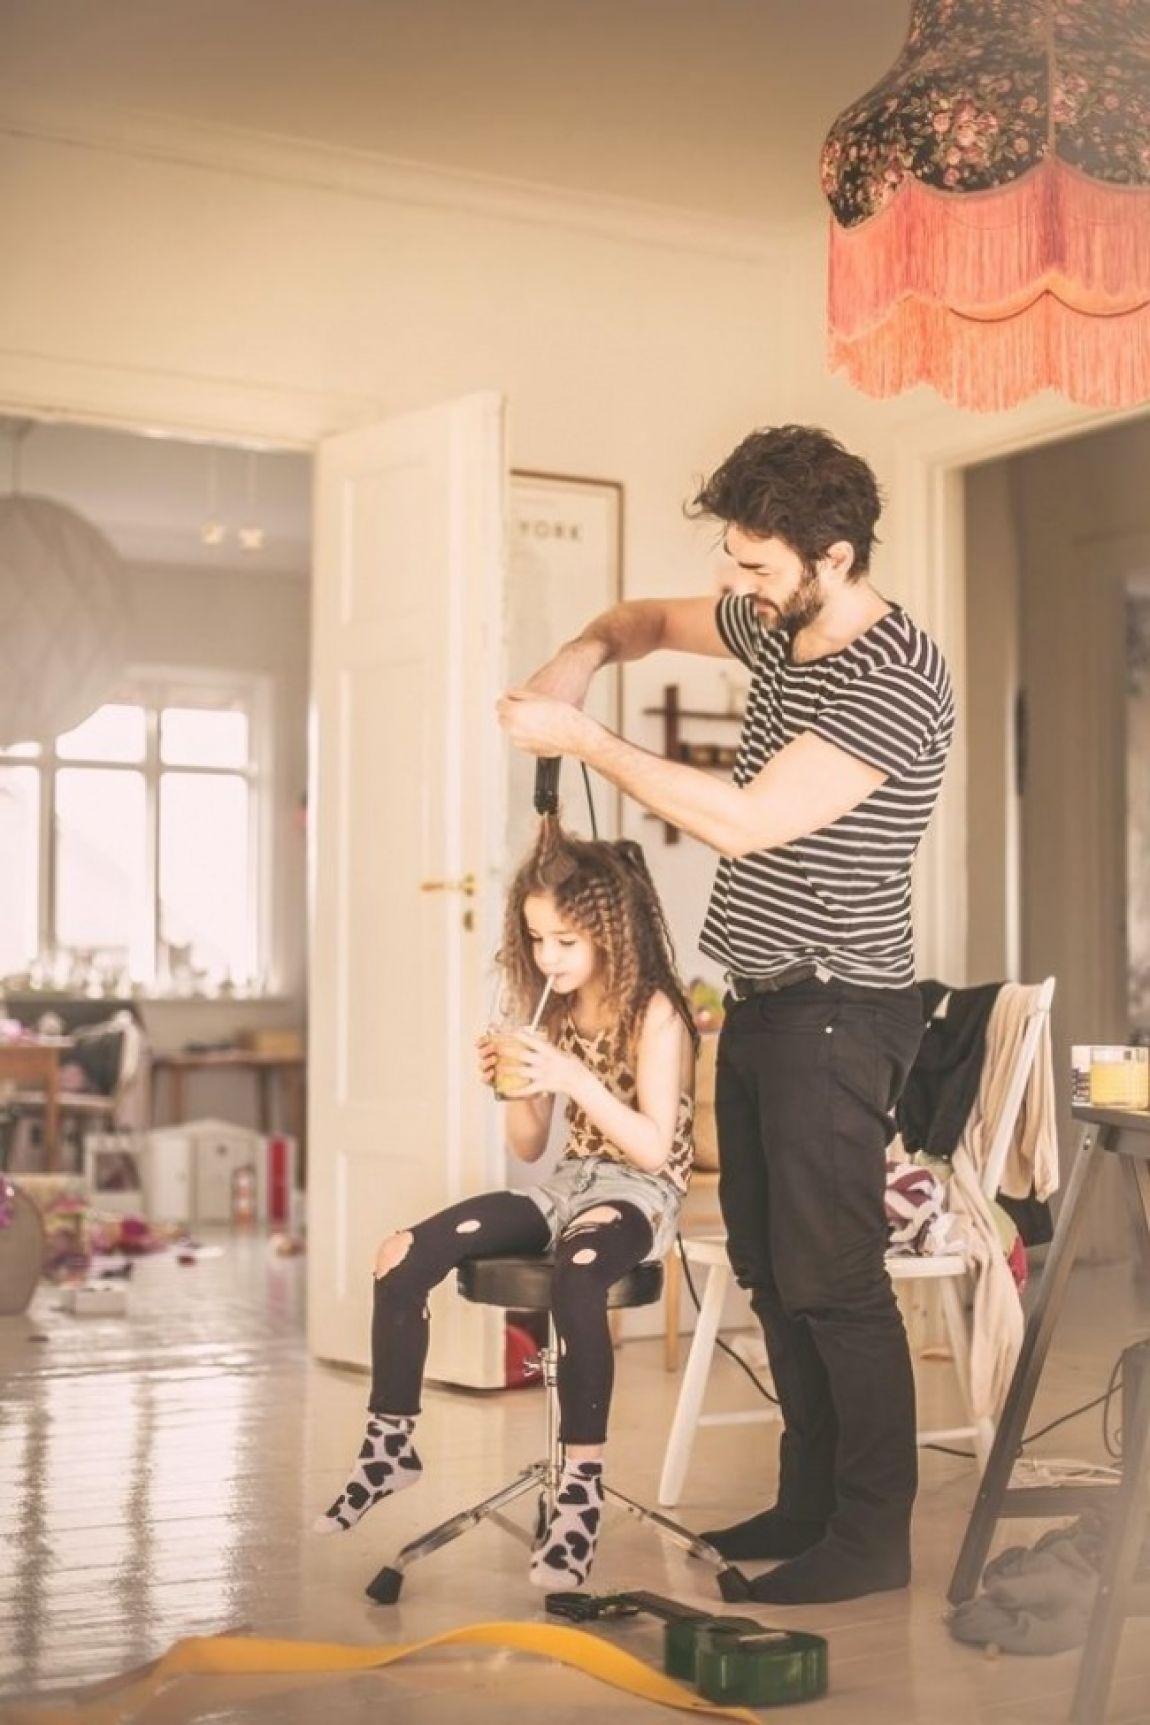 Fotografias De Stock Samiramay: 10 Razones Por Las Que El Lazo Entre Papá E Hija Es Fuerte